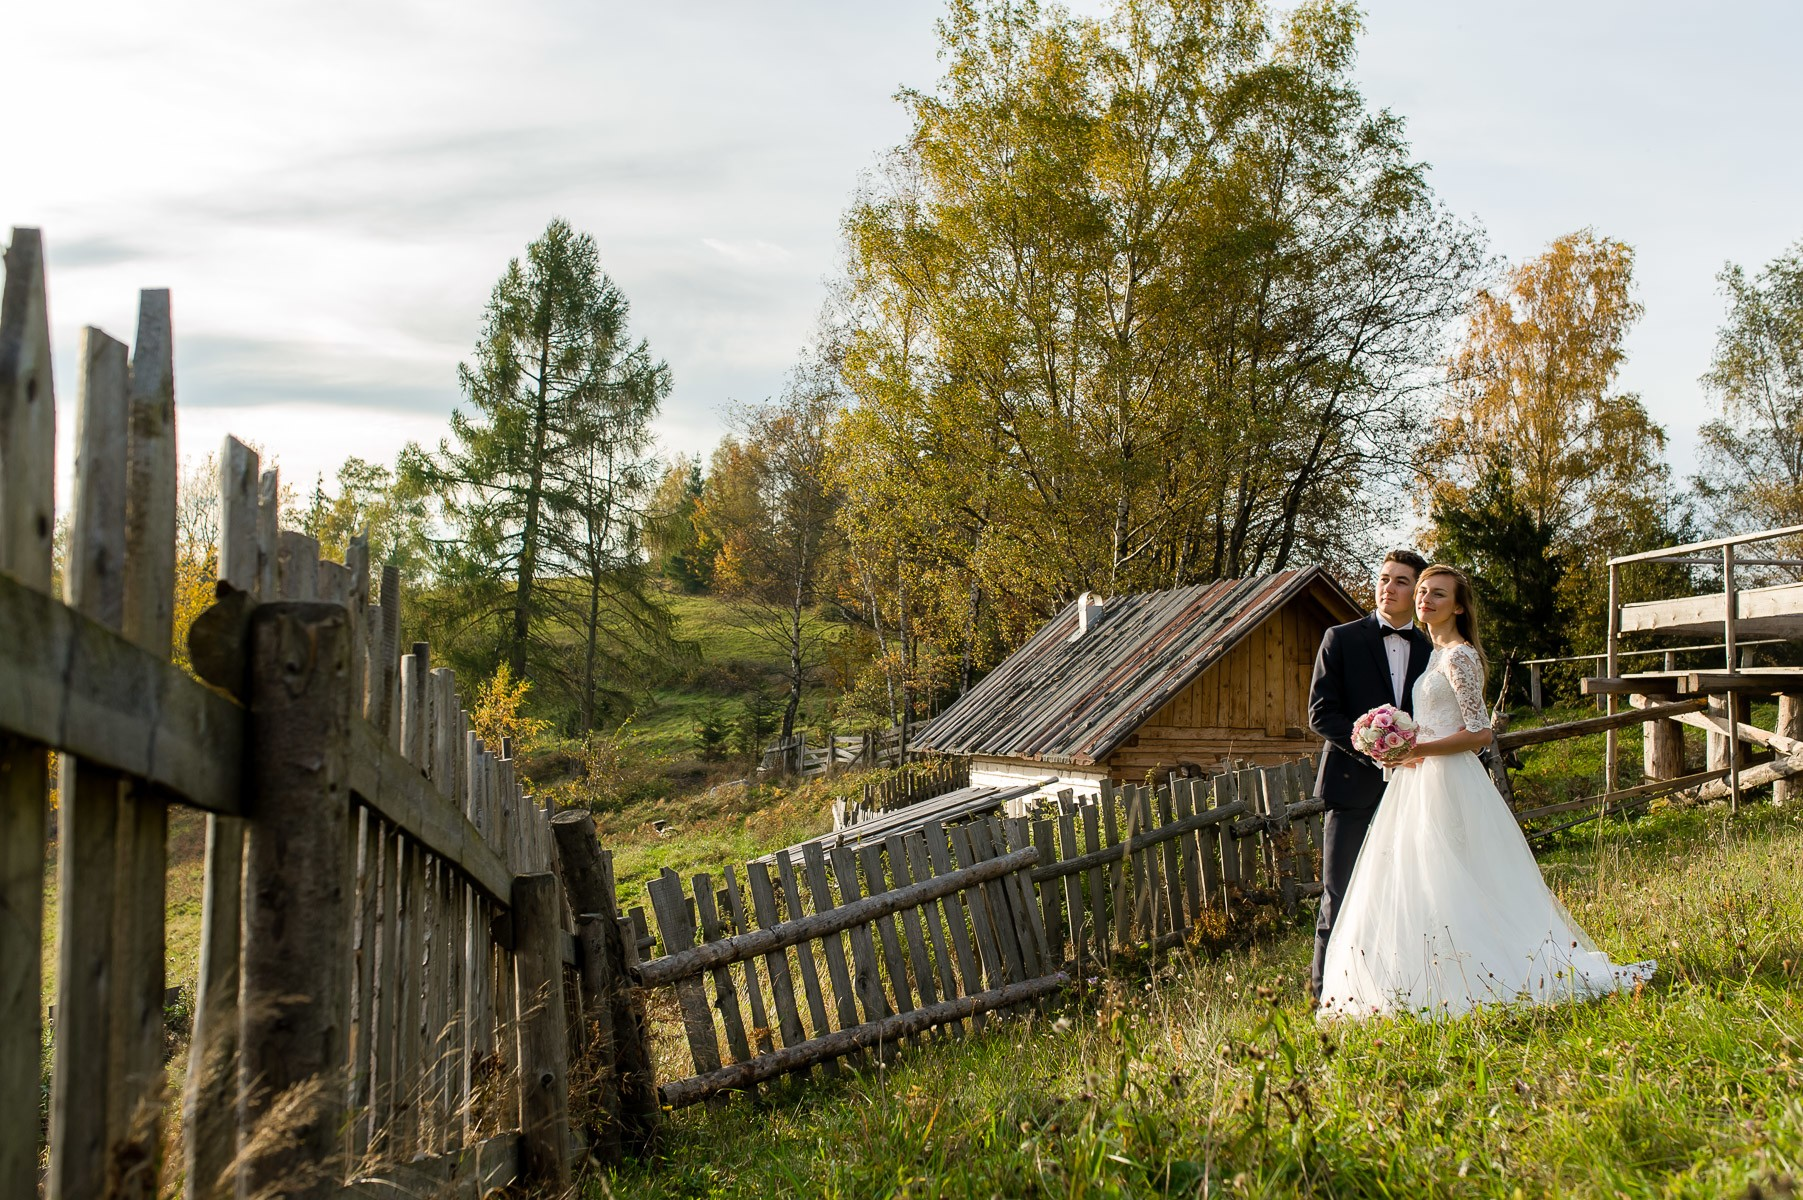 sala na skarpie fotograf slubny slask malopolska adam pietrusiak plener slubny w gorach jw wedding 196